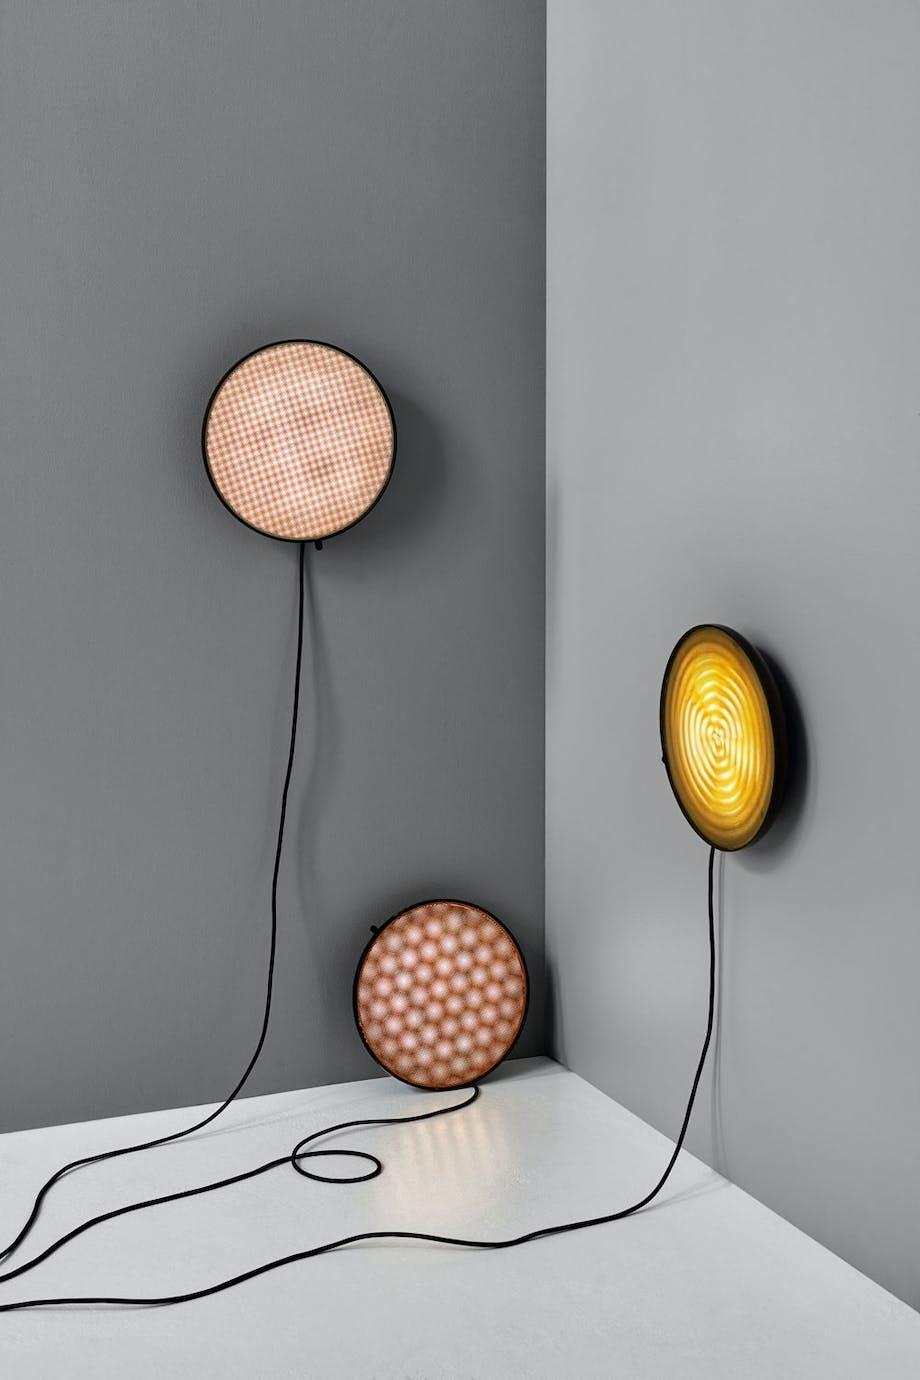 Vegglampen Moiré, designet av David Derksen for New Works.